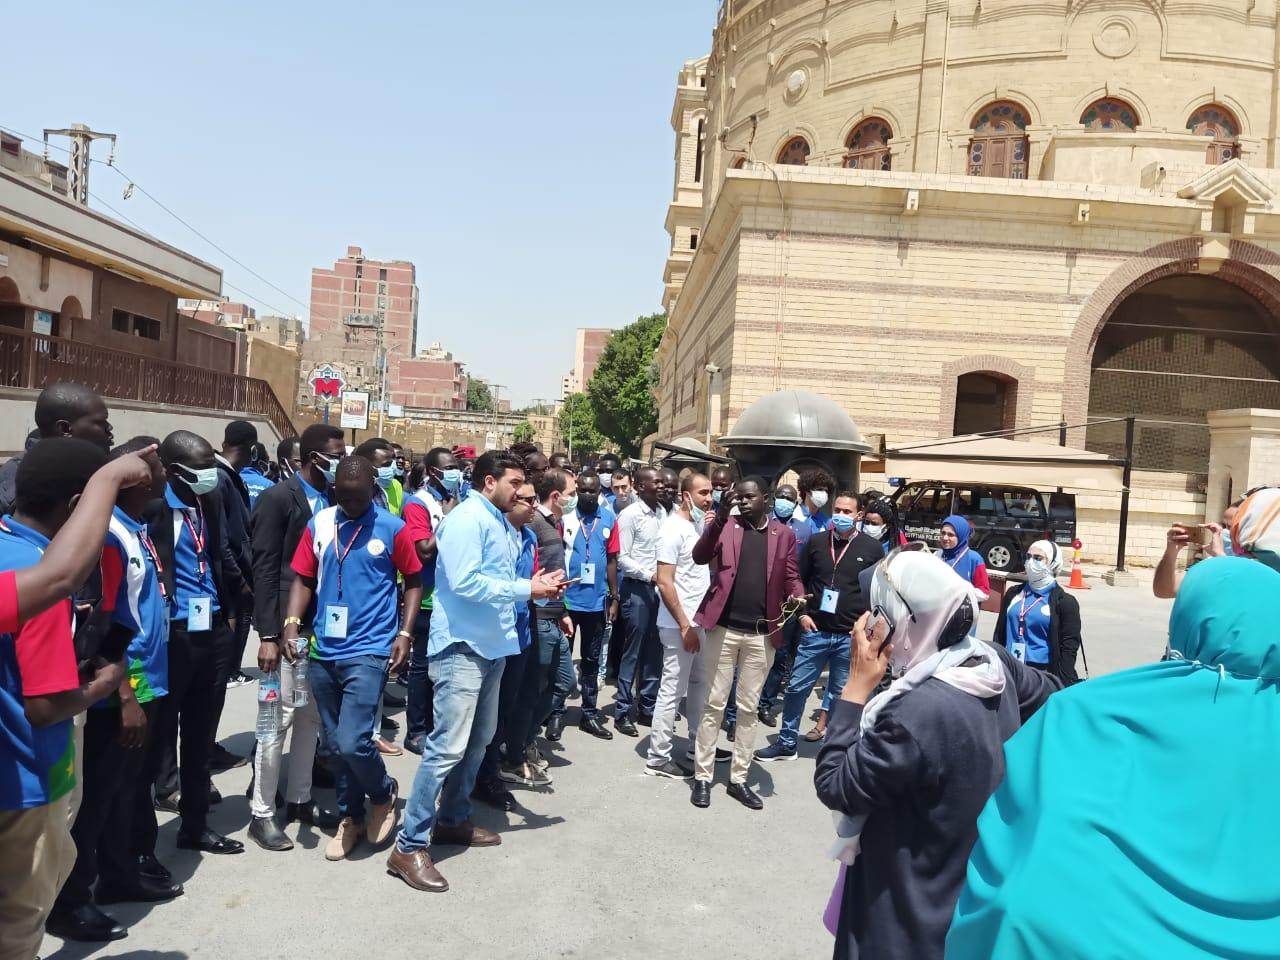 الجالية السودانية فى القاهرة  (2)